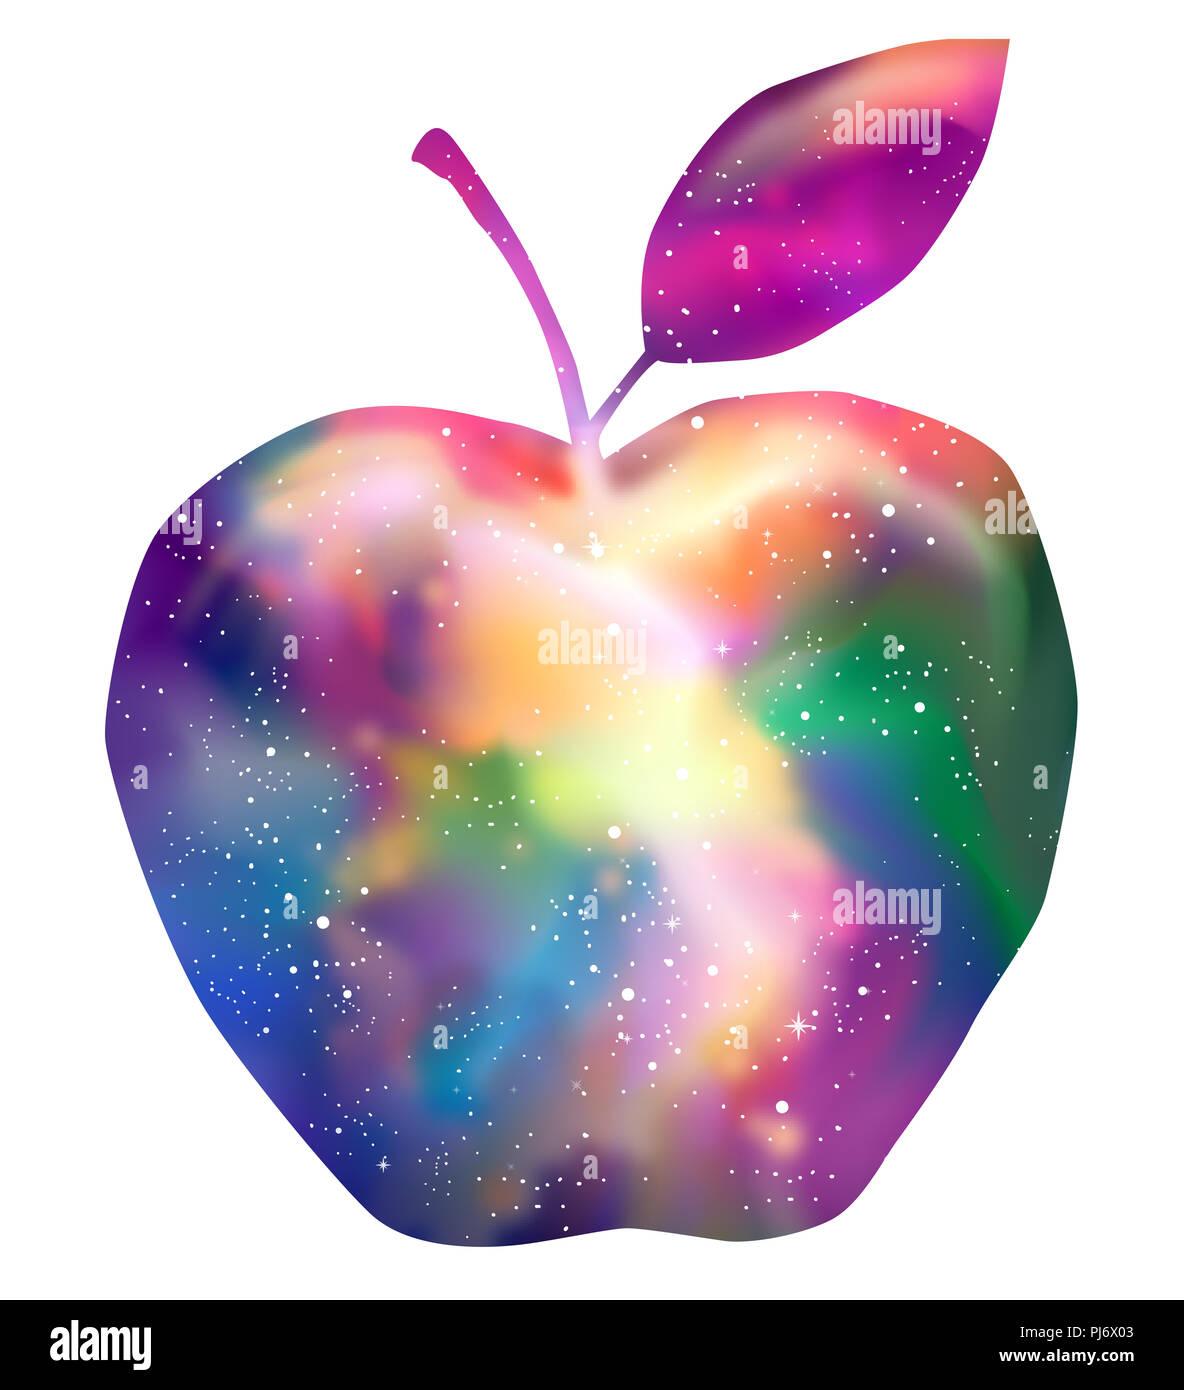 Ilustración de una manzana mostrando una galaxia de fantasía Diseño eps10 Imagen De Stock